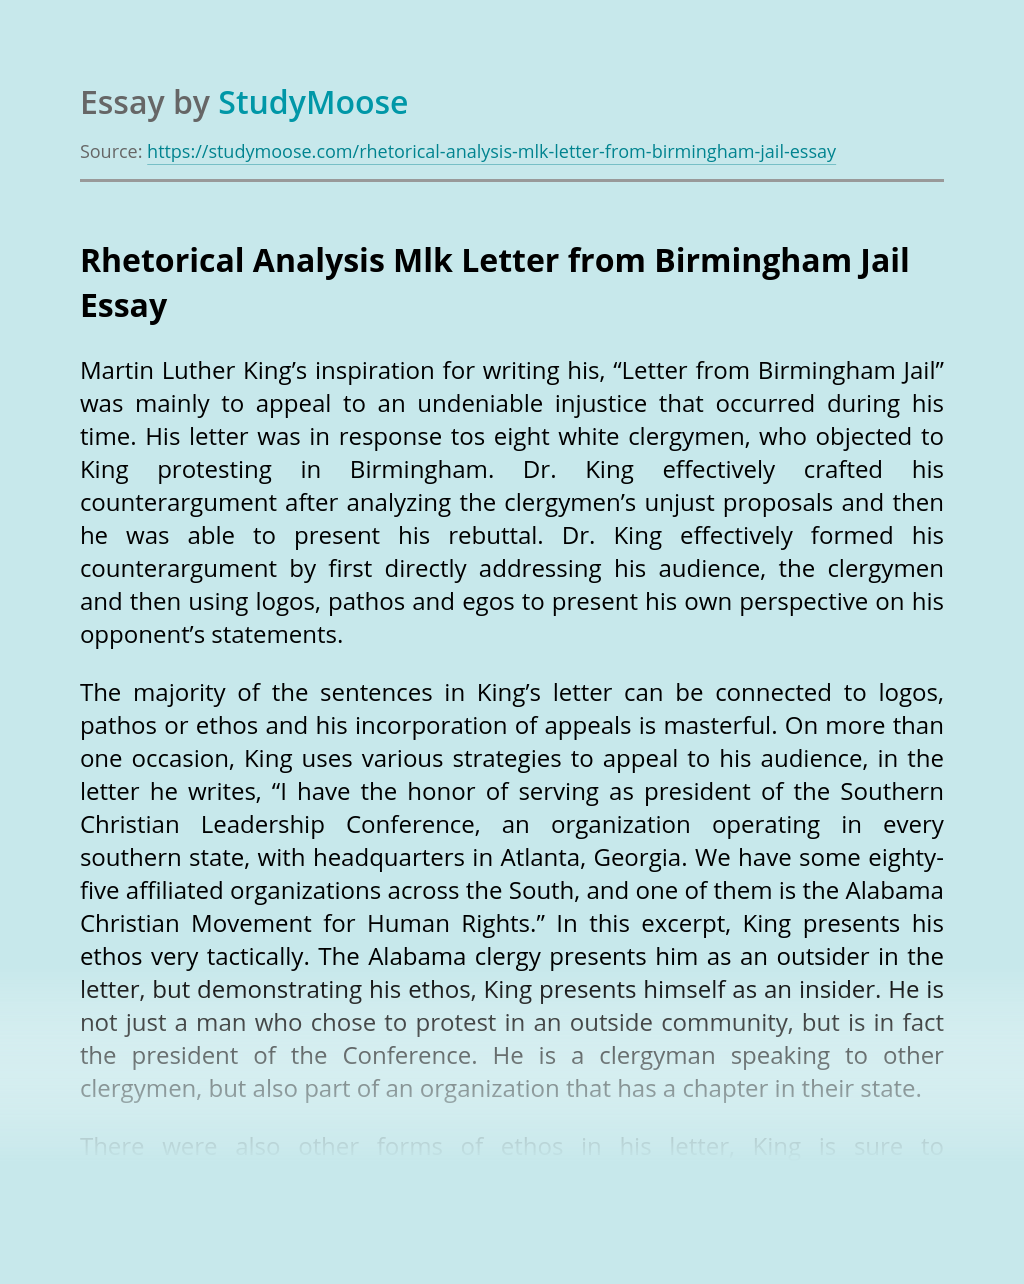 Rhetorical Analysis Mlk Letter from Birmingham Jail